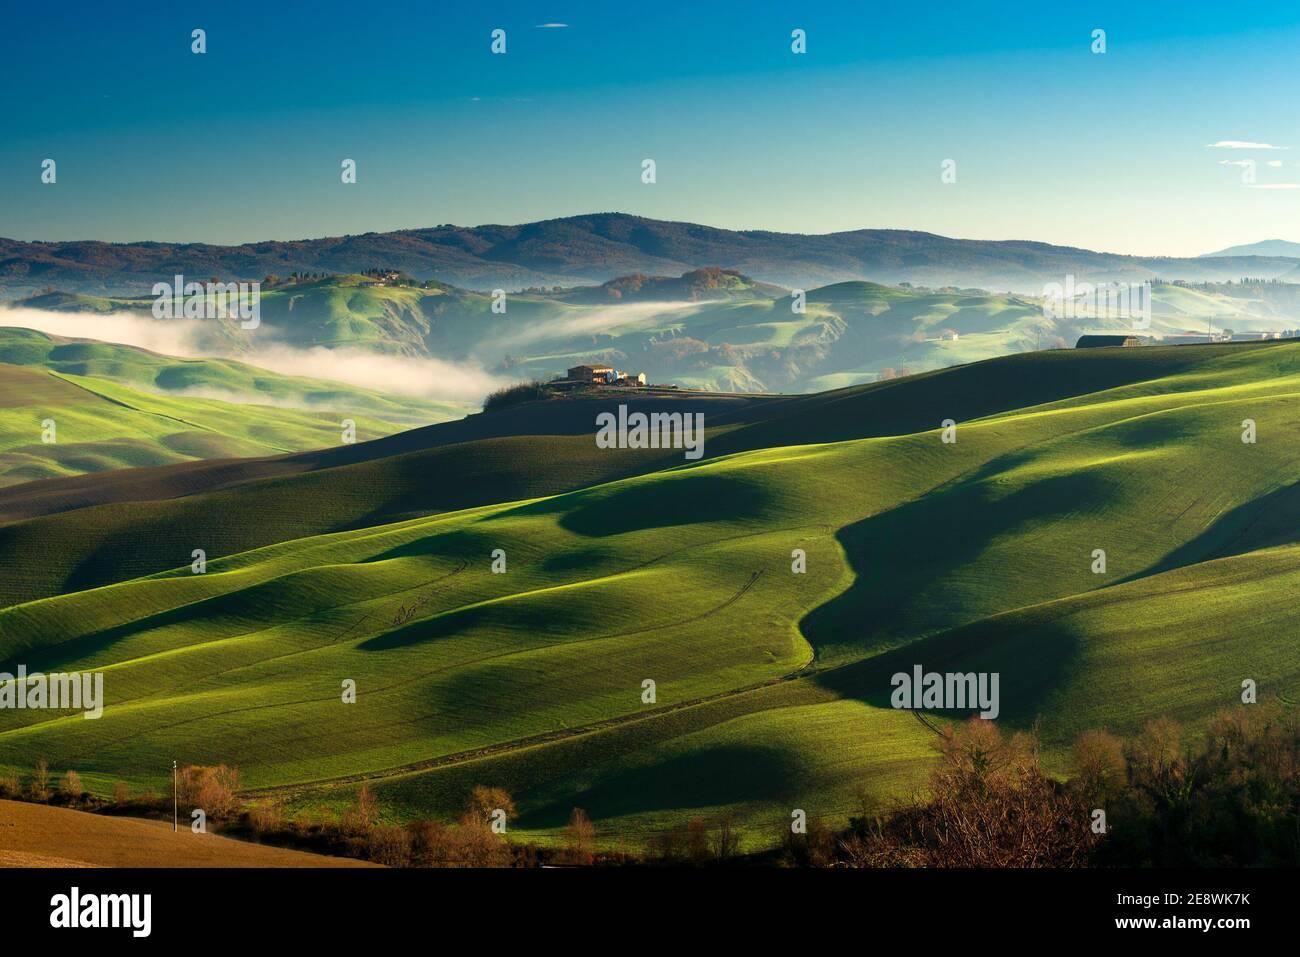 Verdes colinas onduladas en una mañana soleada en el paisaje de crete senesi paisaje cerca de Asciano, Siena Foto de stock